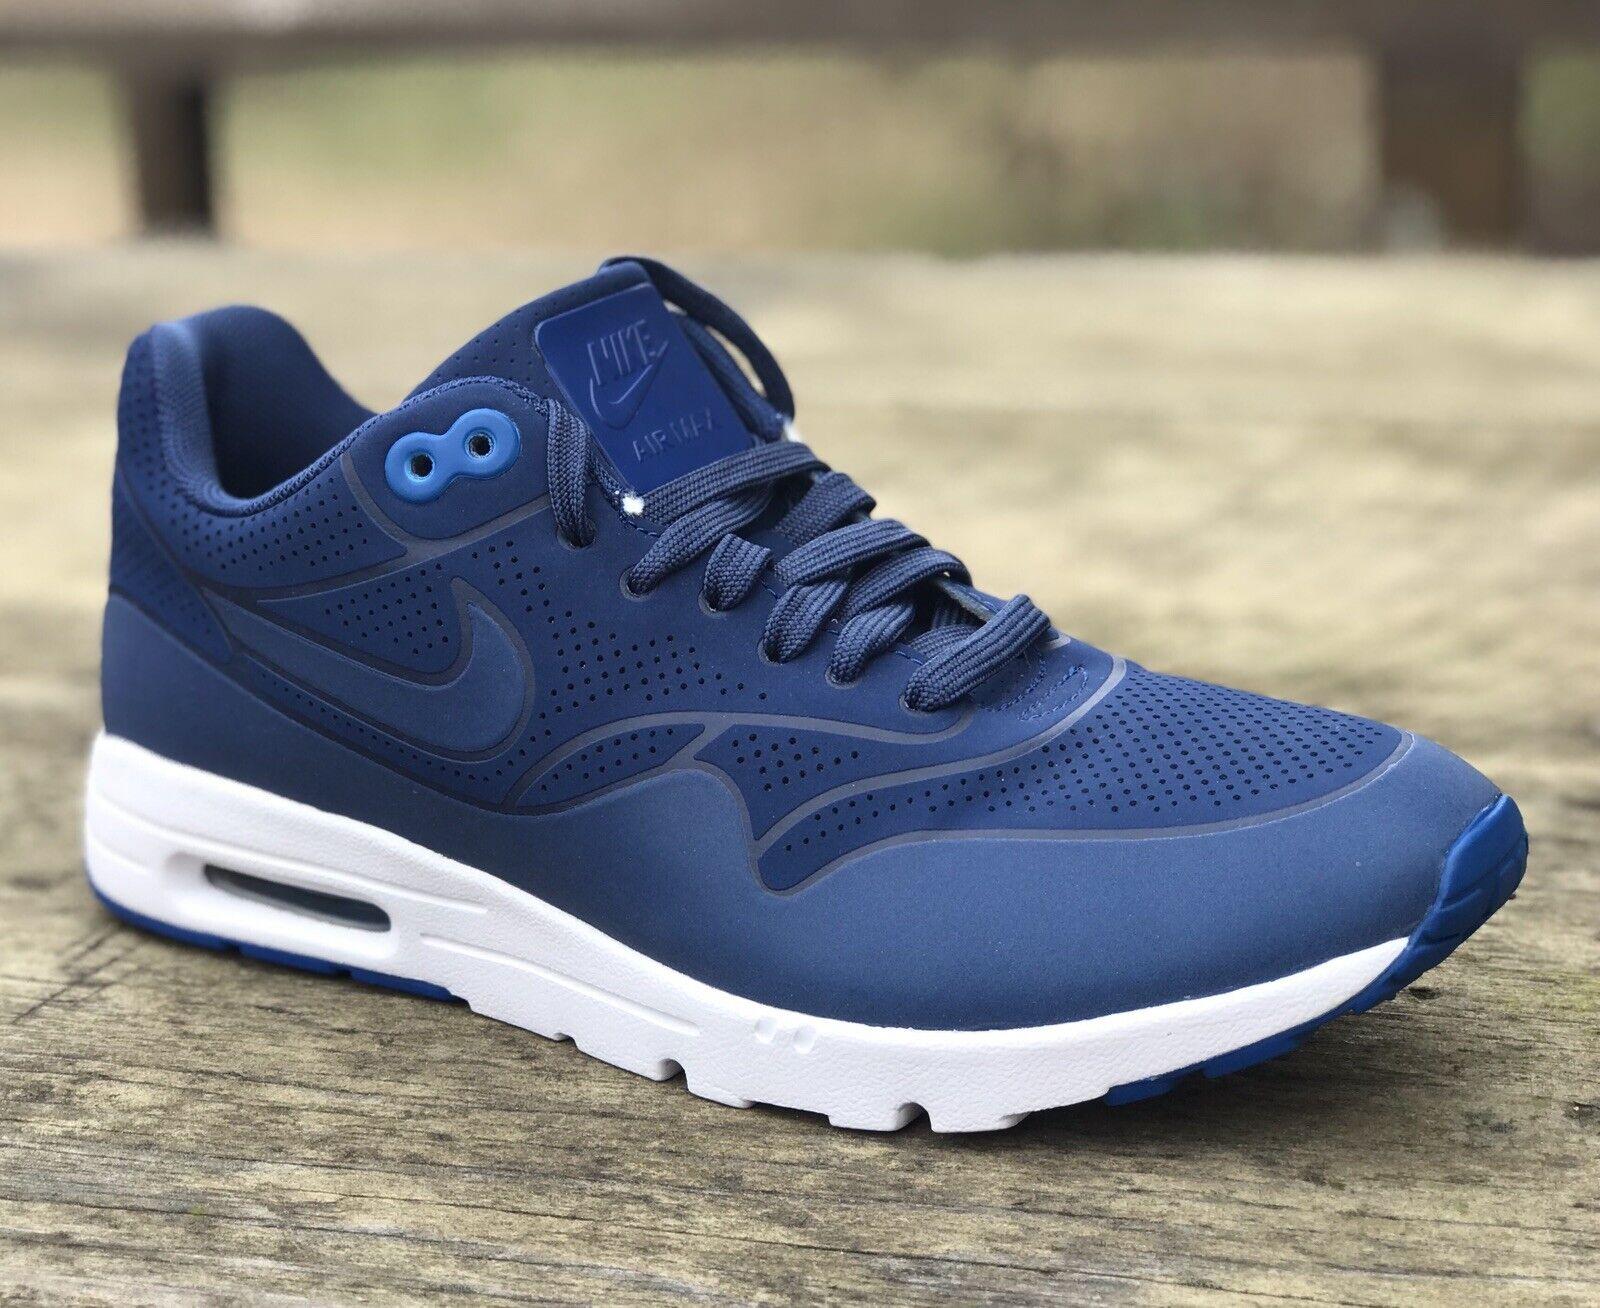 Nike Max 1 Ultra Moire Correr Air Zapato costeras Azul 704995-403 Mujeres Talla 7.5 Nuevo